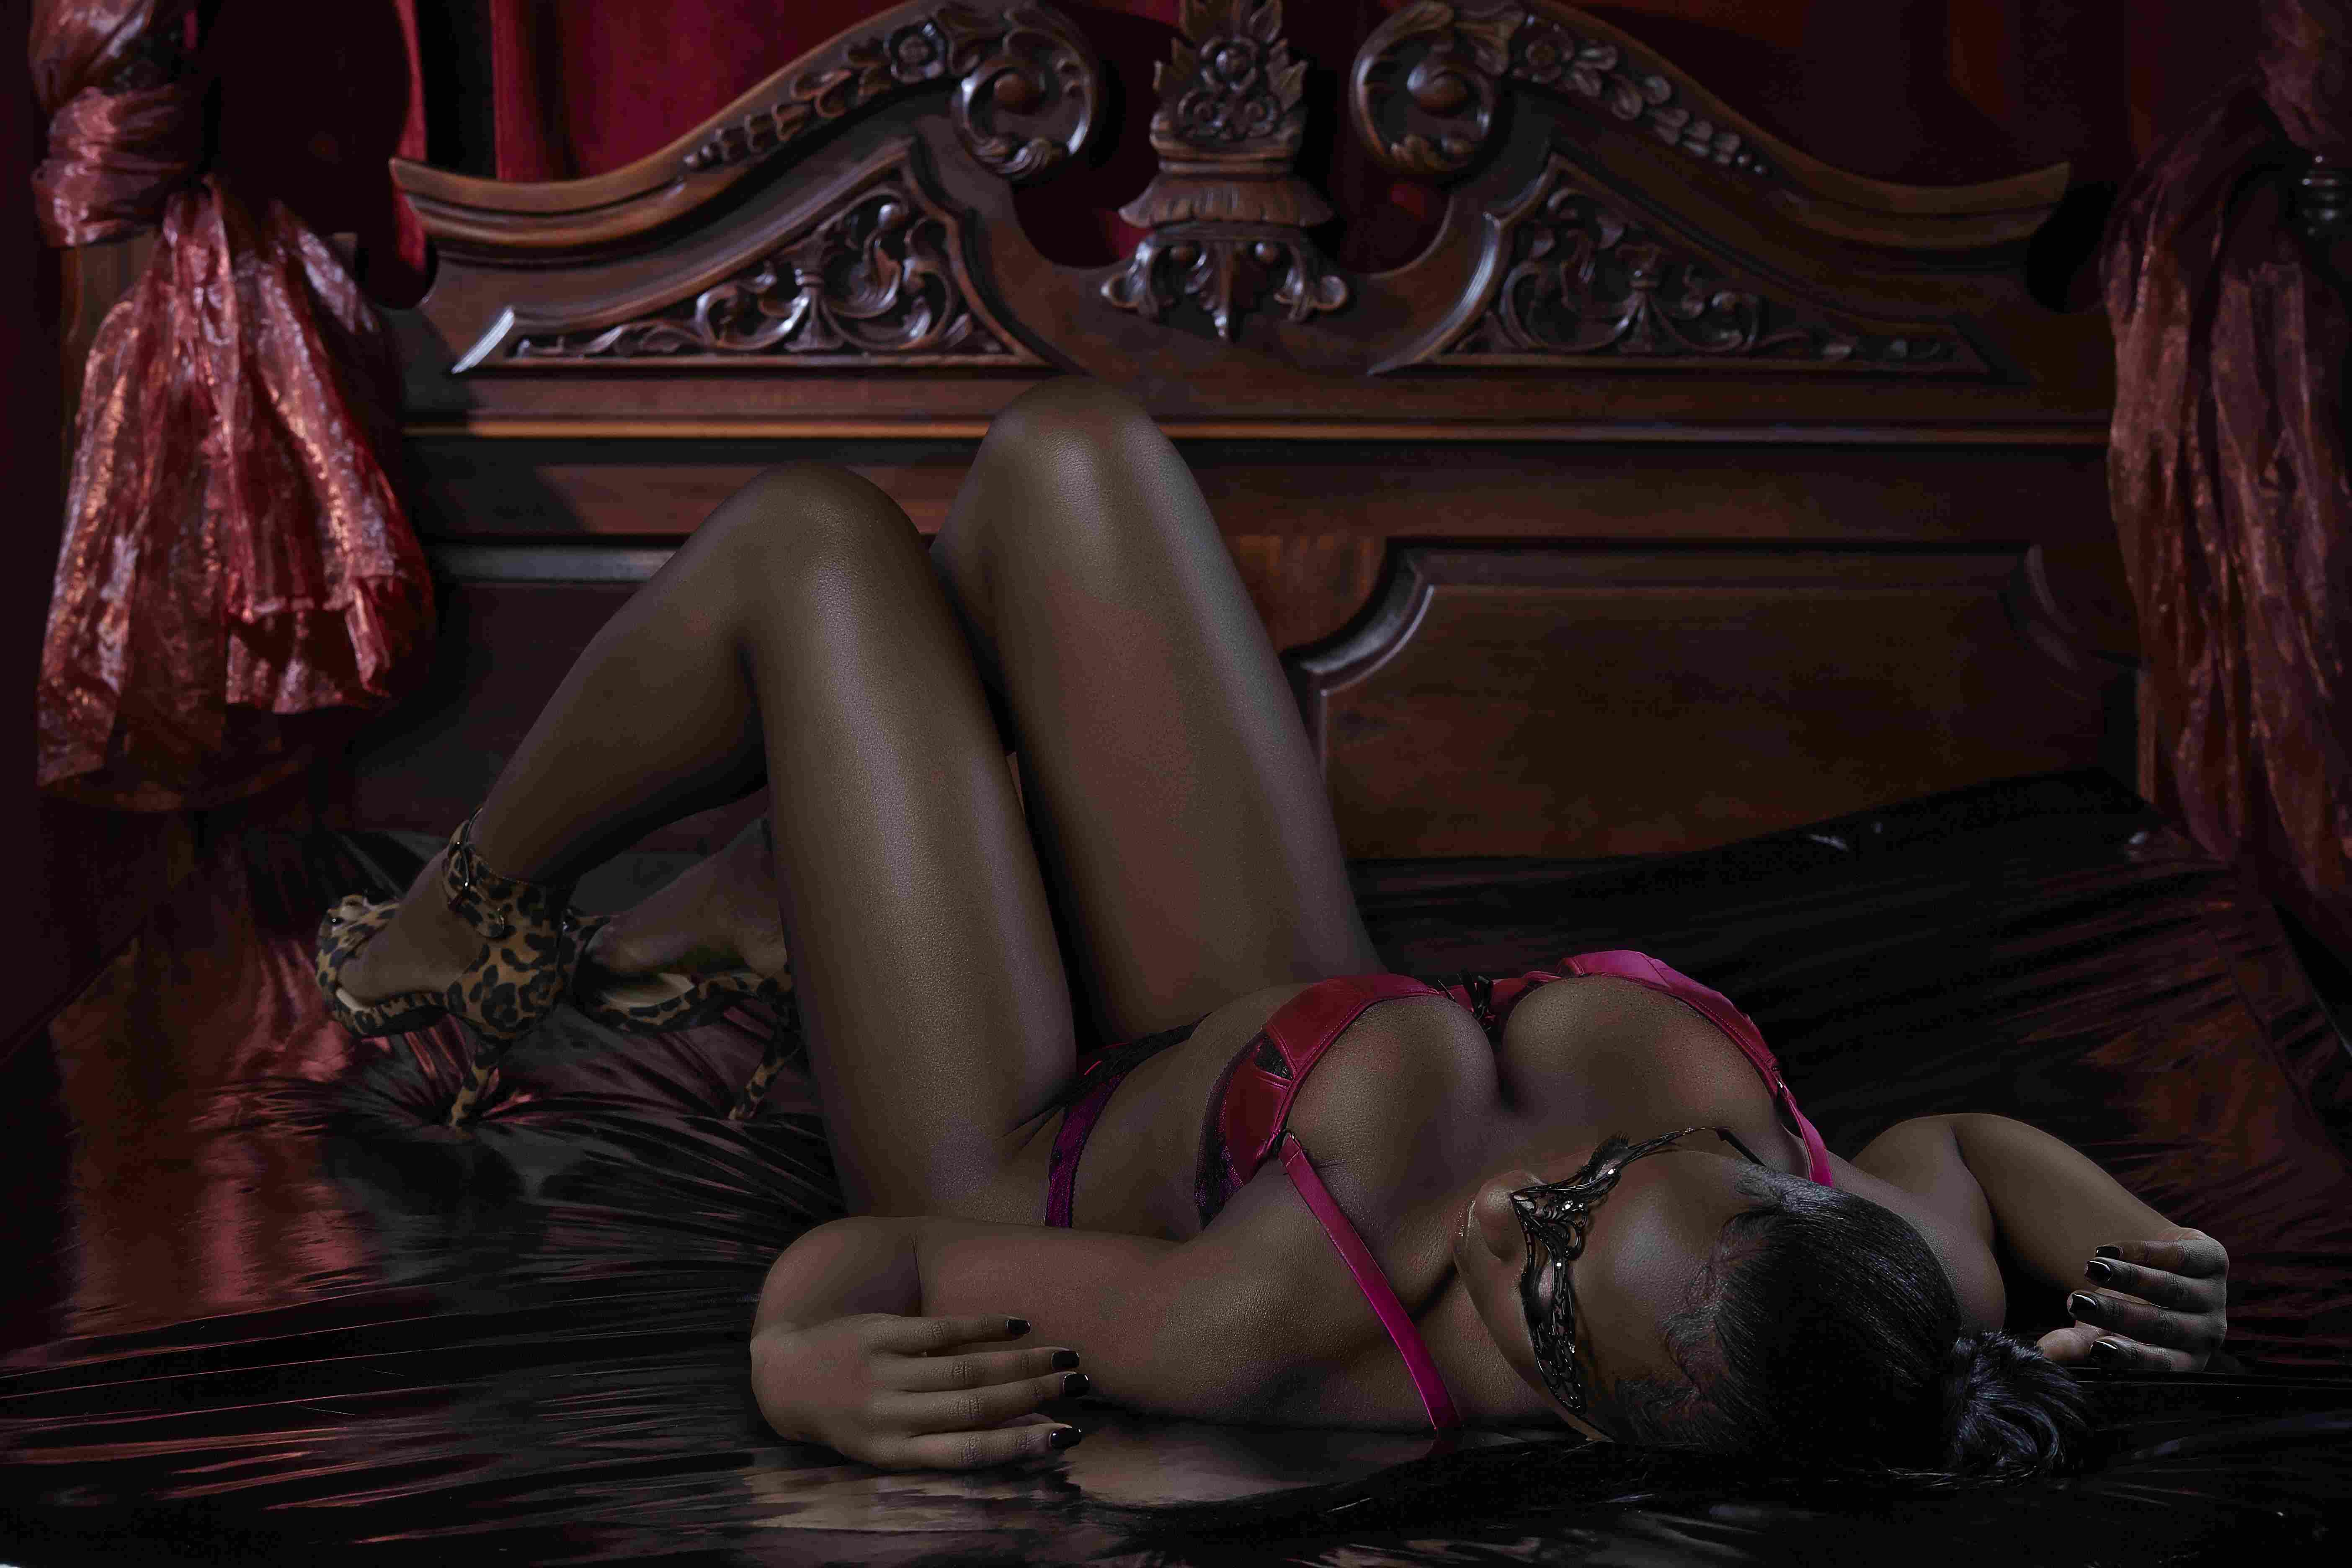 ilmaiset treffipalstat tallinn erotic massage